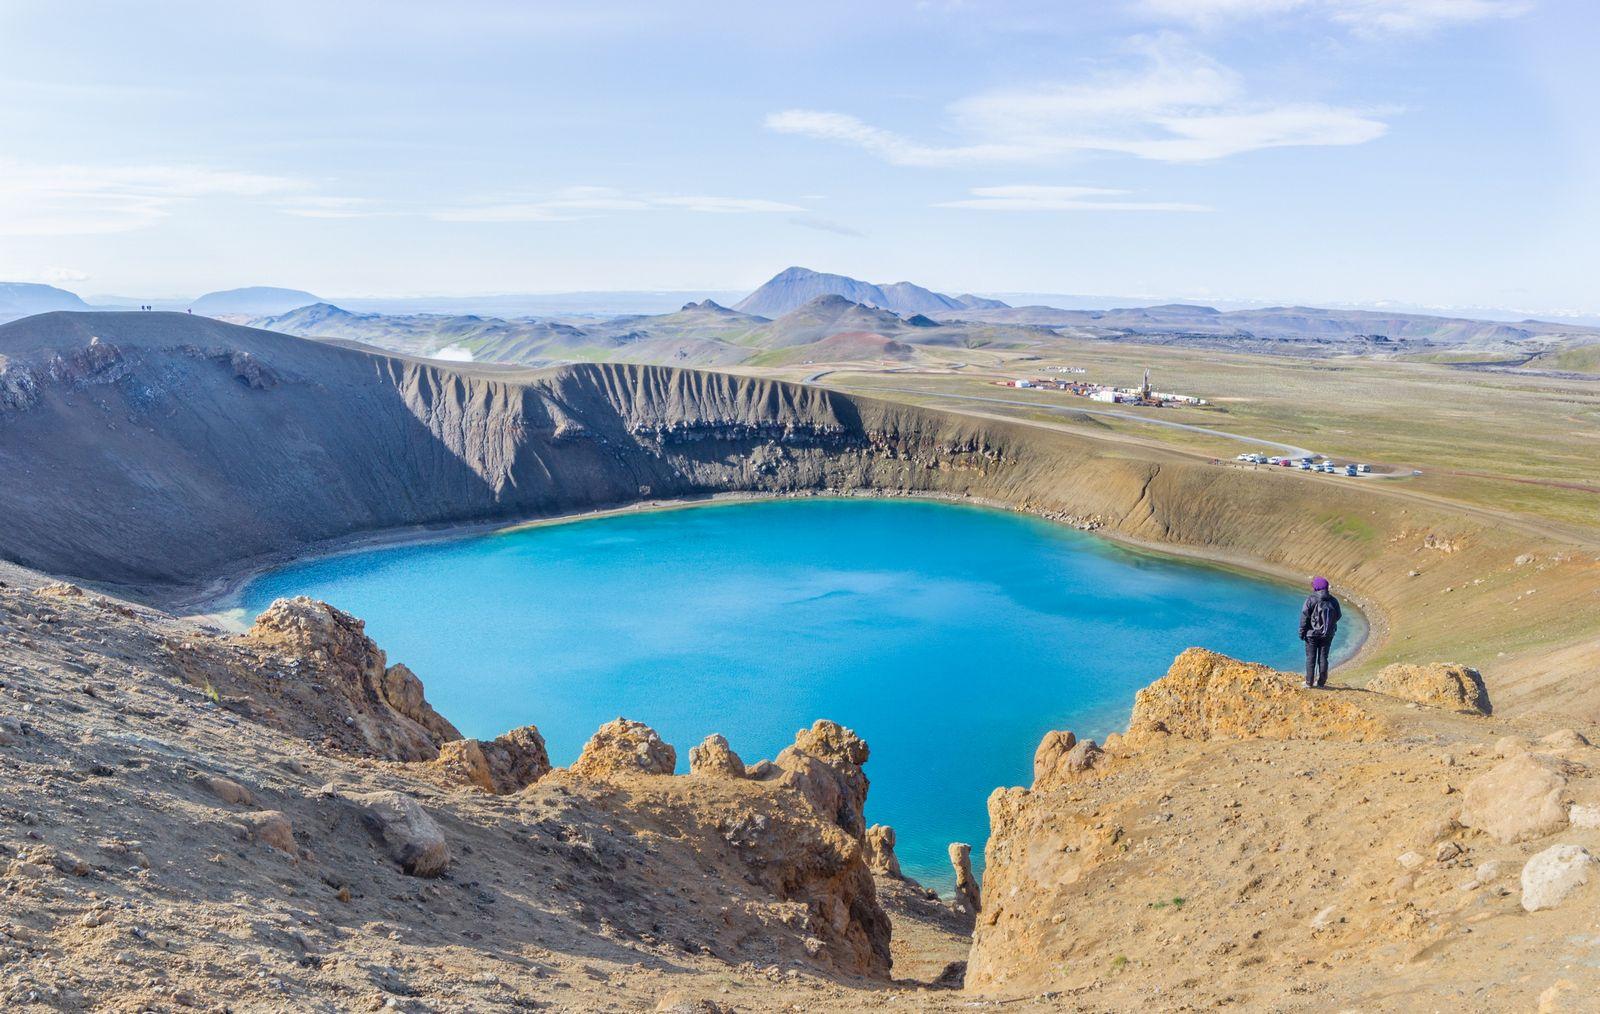 Un asequible rodeo a todo el cráter